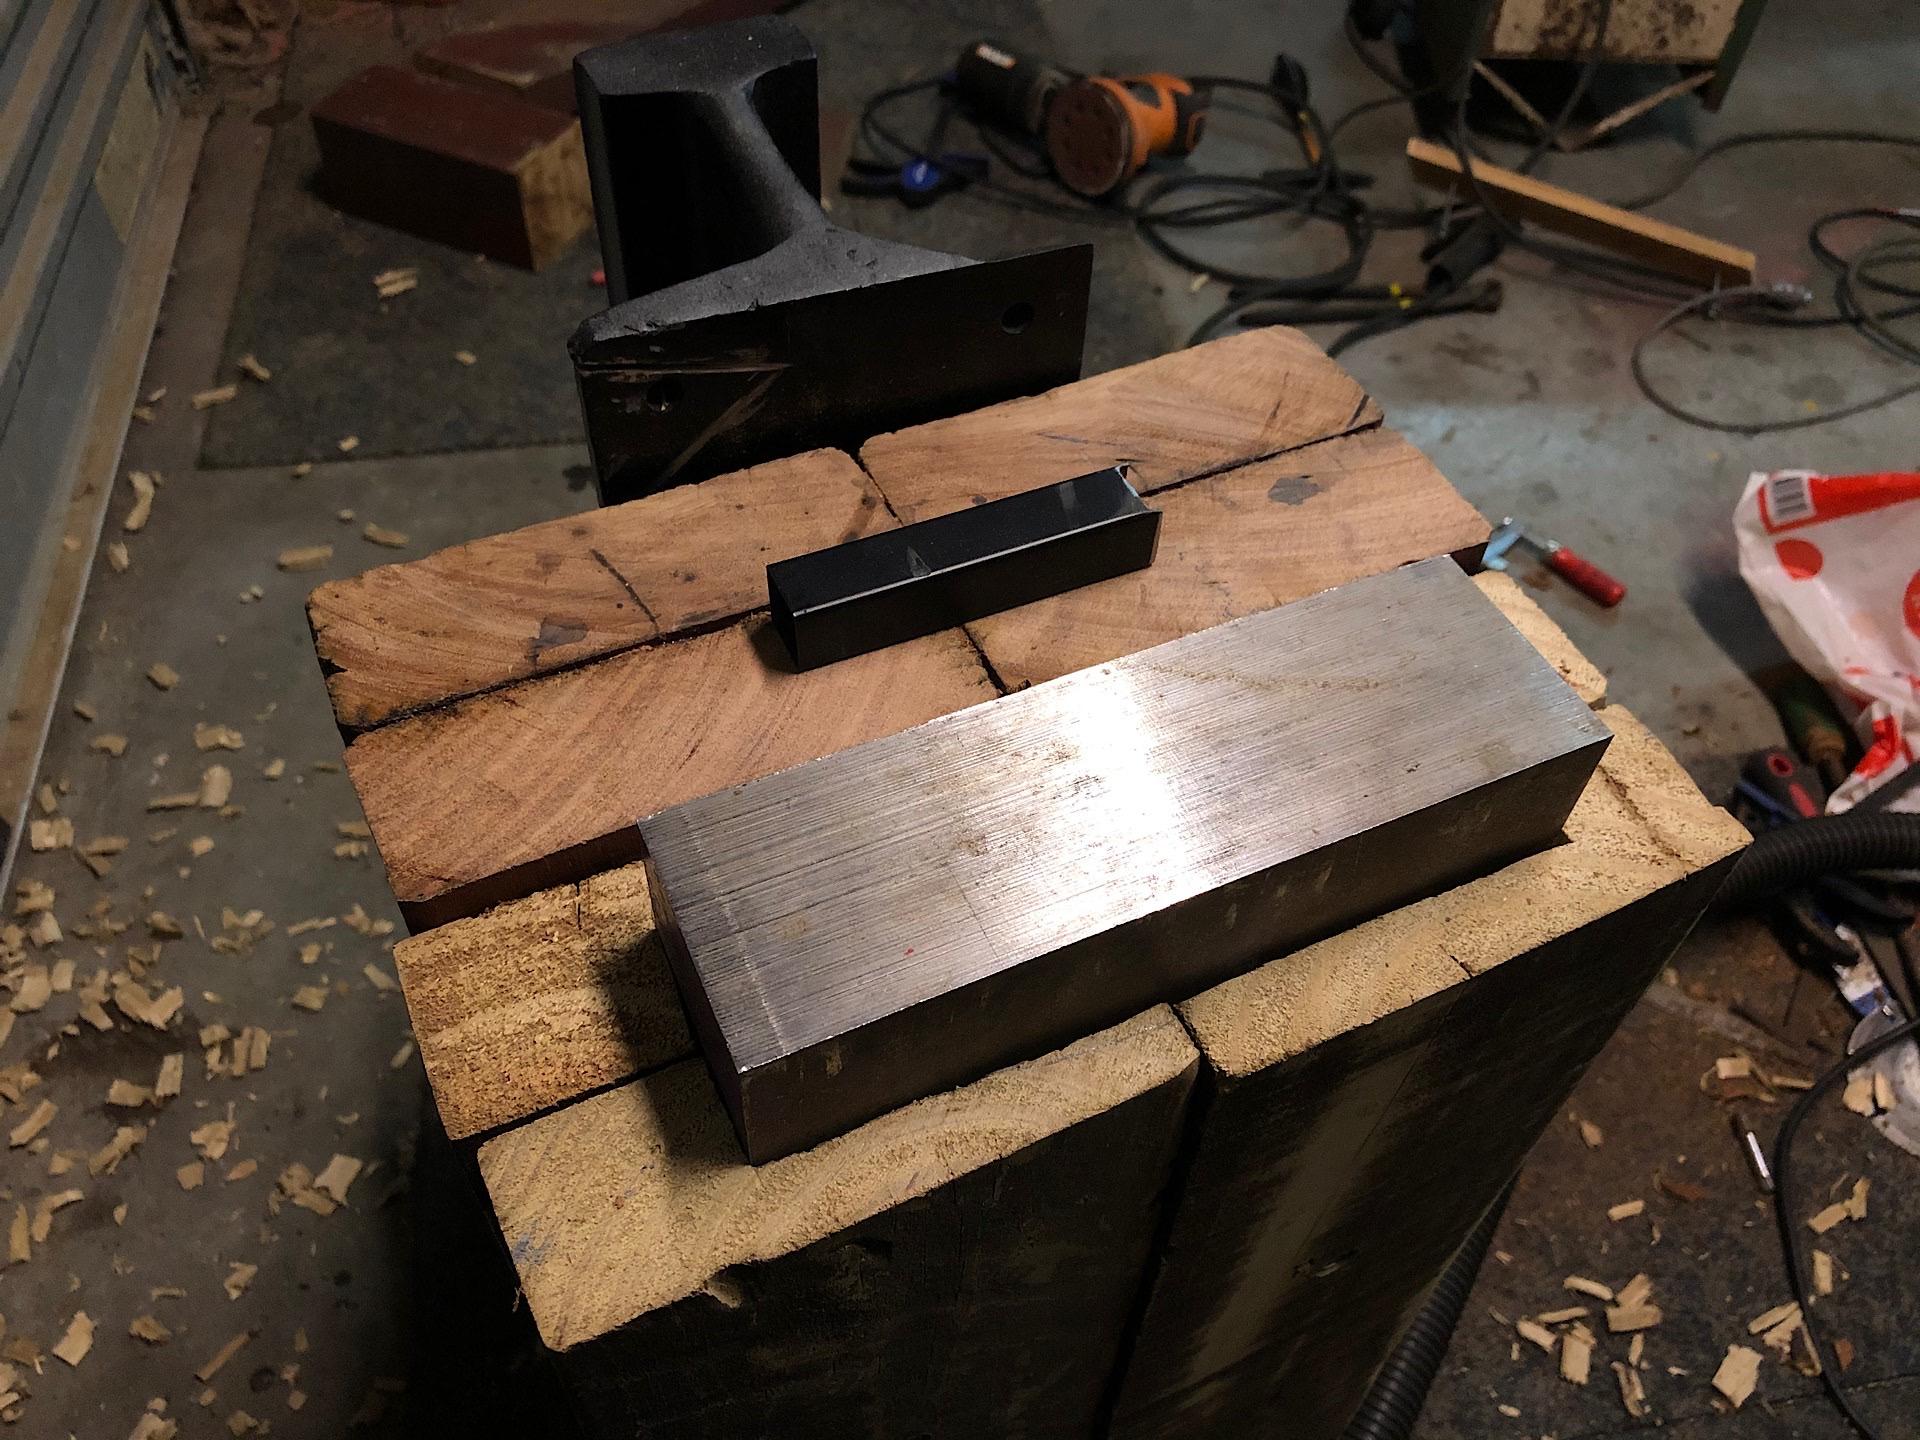 Tool steel anvil installed